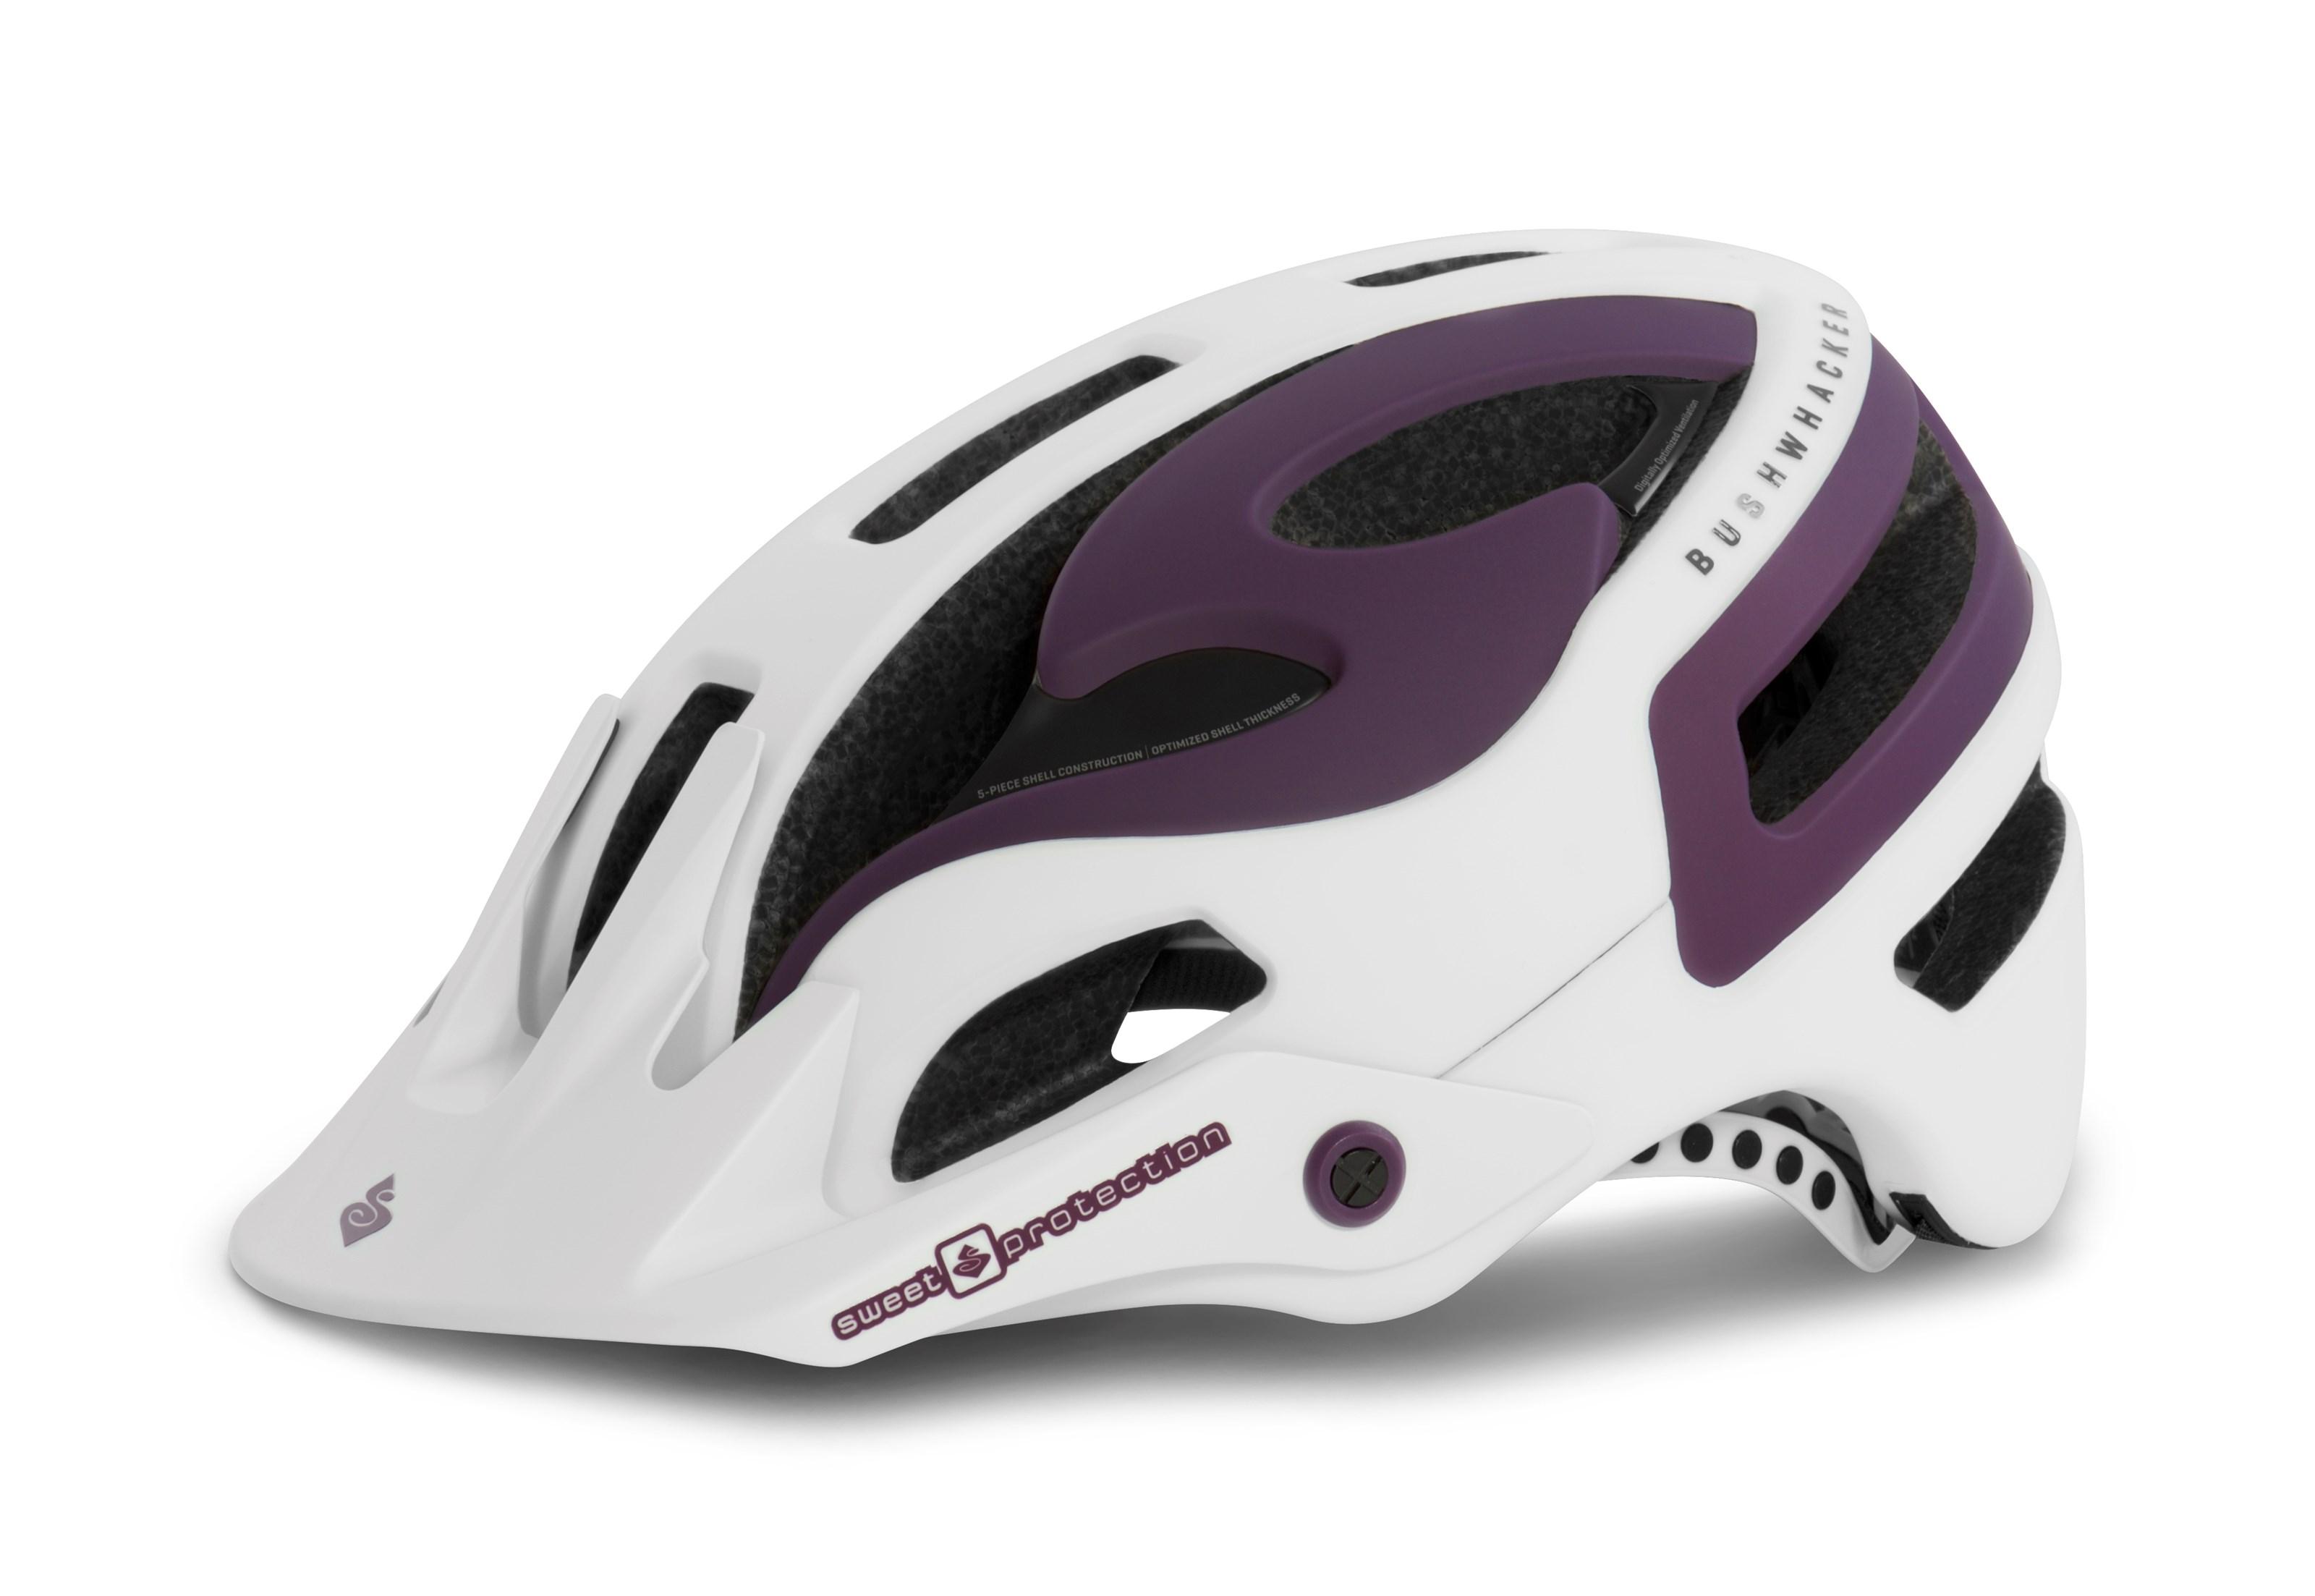 845053-bushwhacker_wmns-matte_white+vibrant_violet-diagonal.jpg